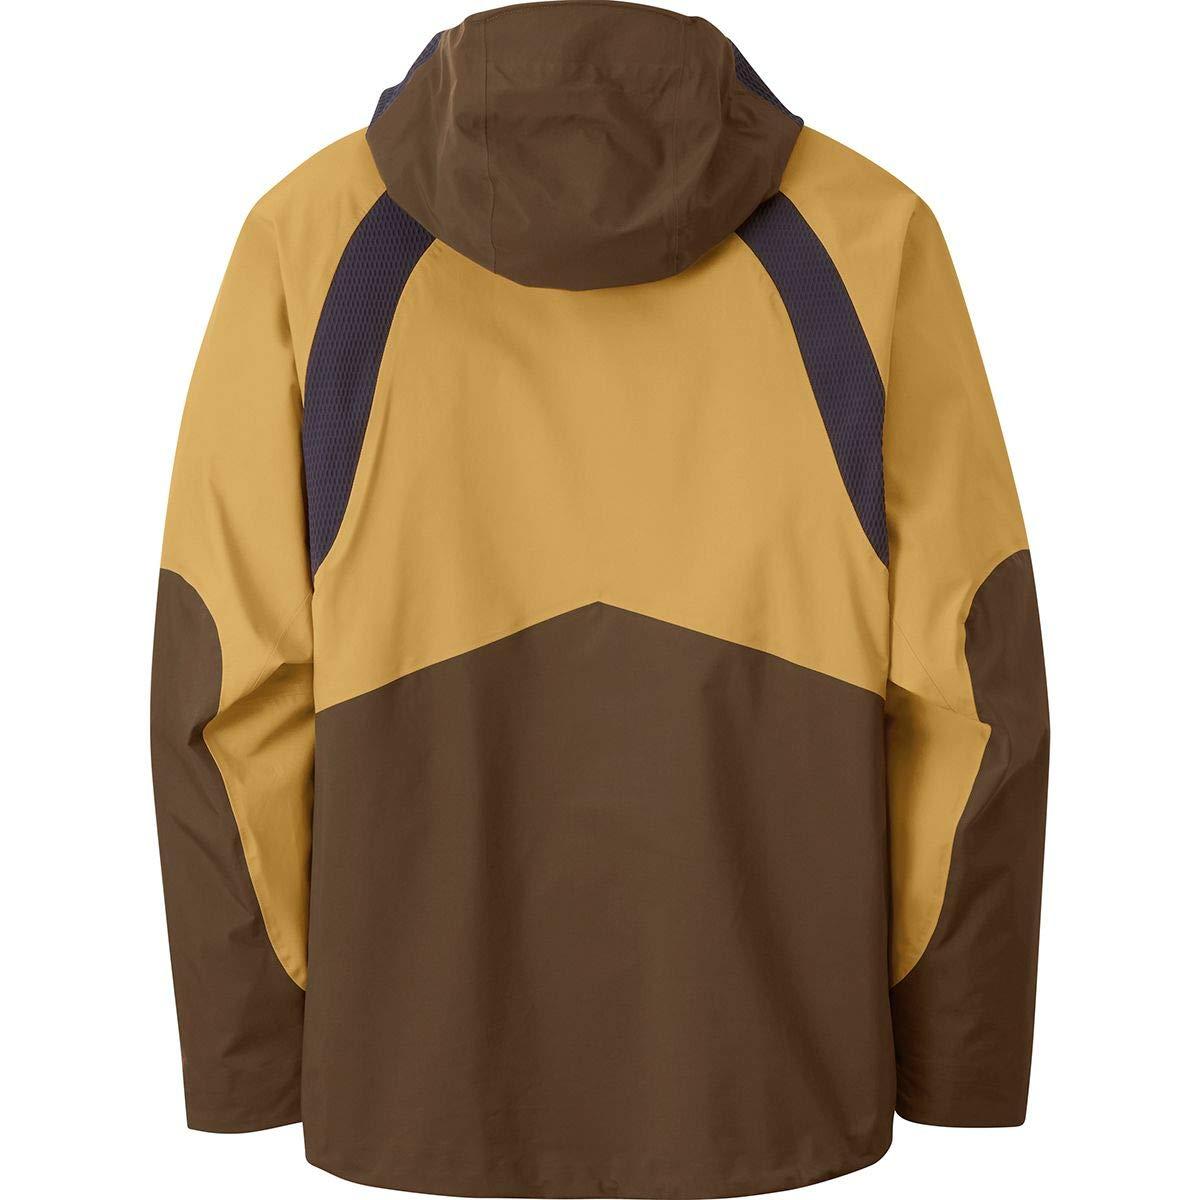 d02eef6d9e Amazon.com   Outdoor Research Men s Hemispheres Jacket   Clothing